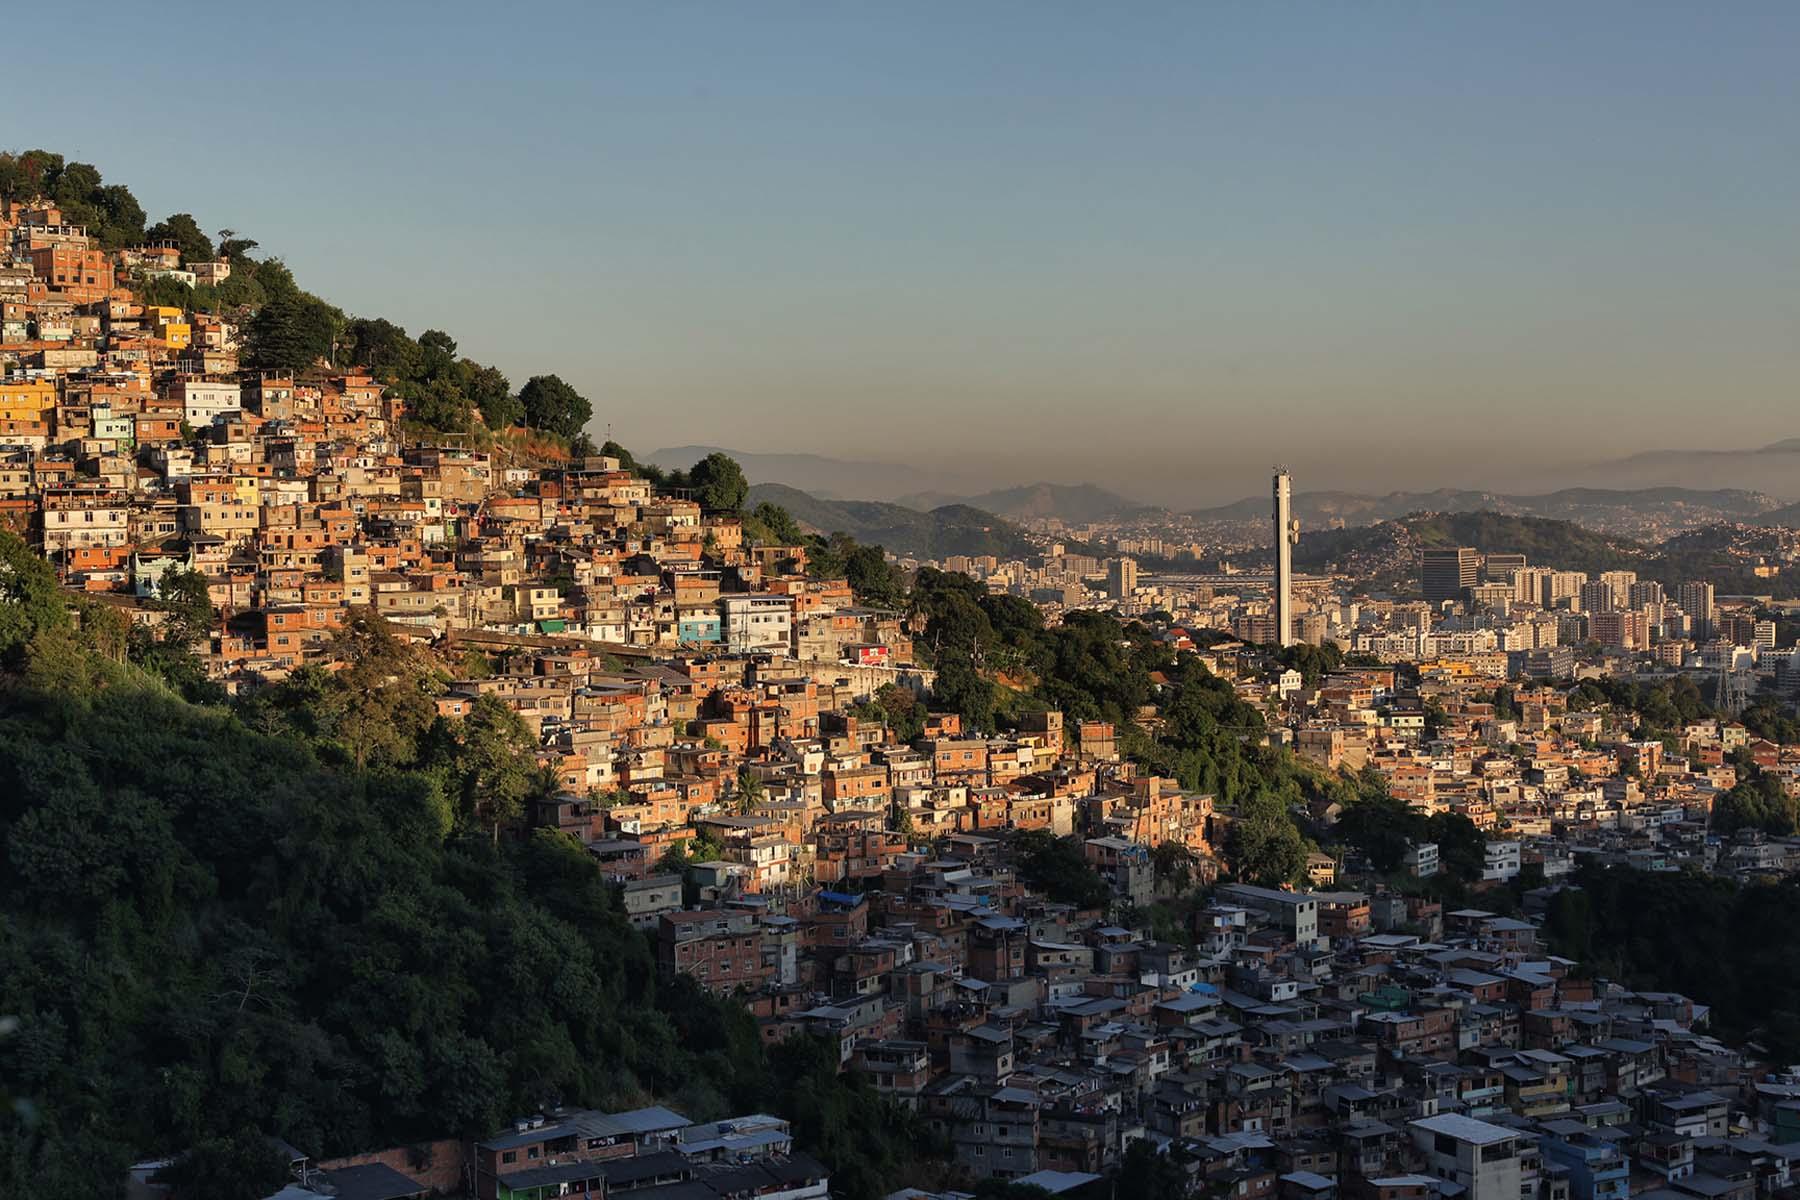 Santa Teresa Rio de Janeiro - 4